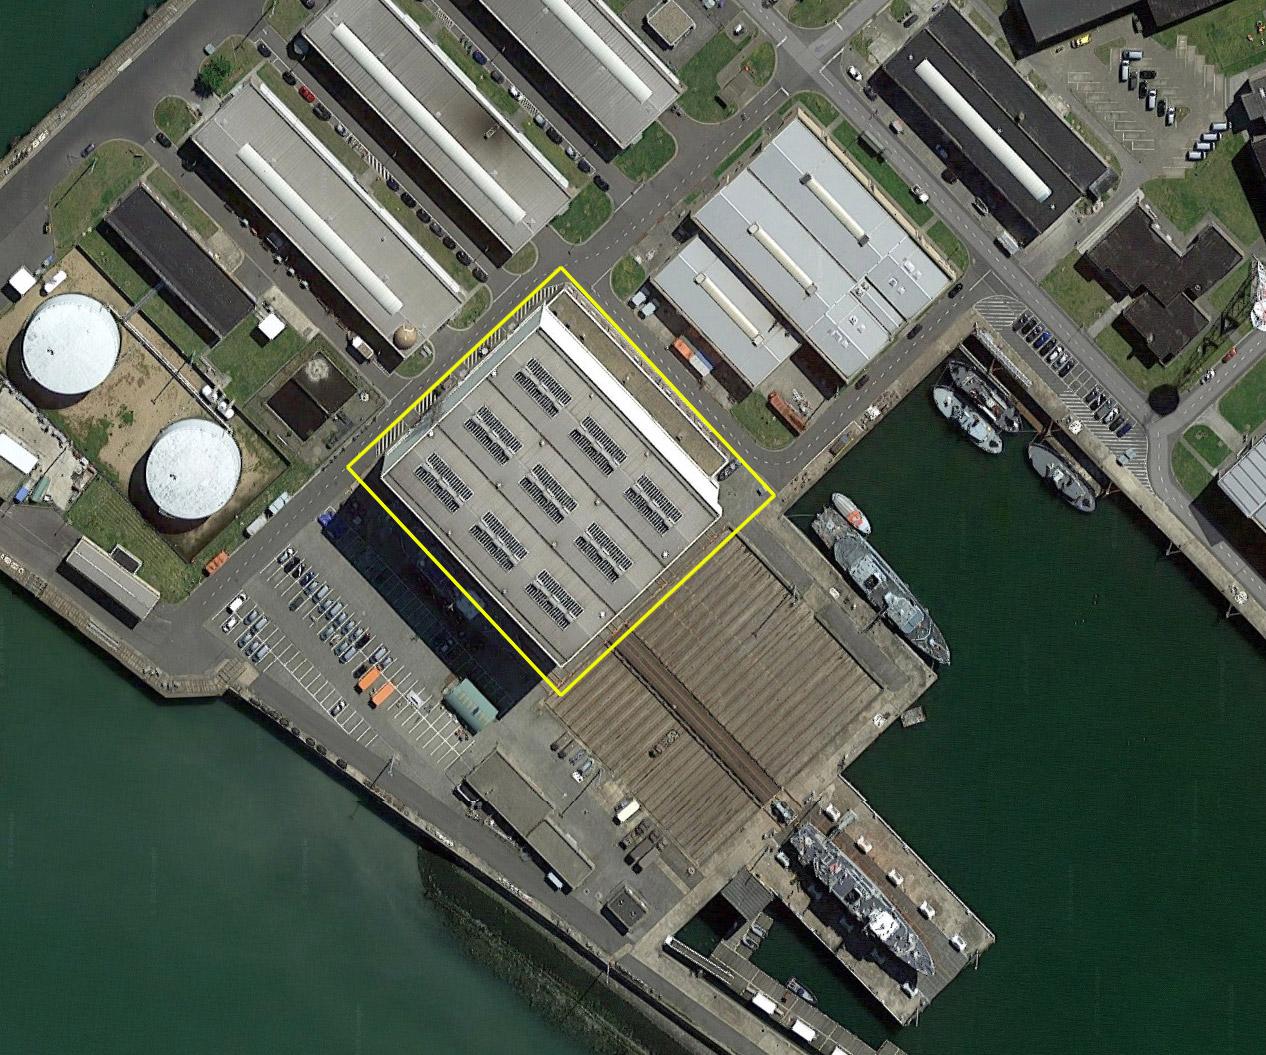 Réaménagement de la base navale de Zeebrugge - Page 2 Hangar13